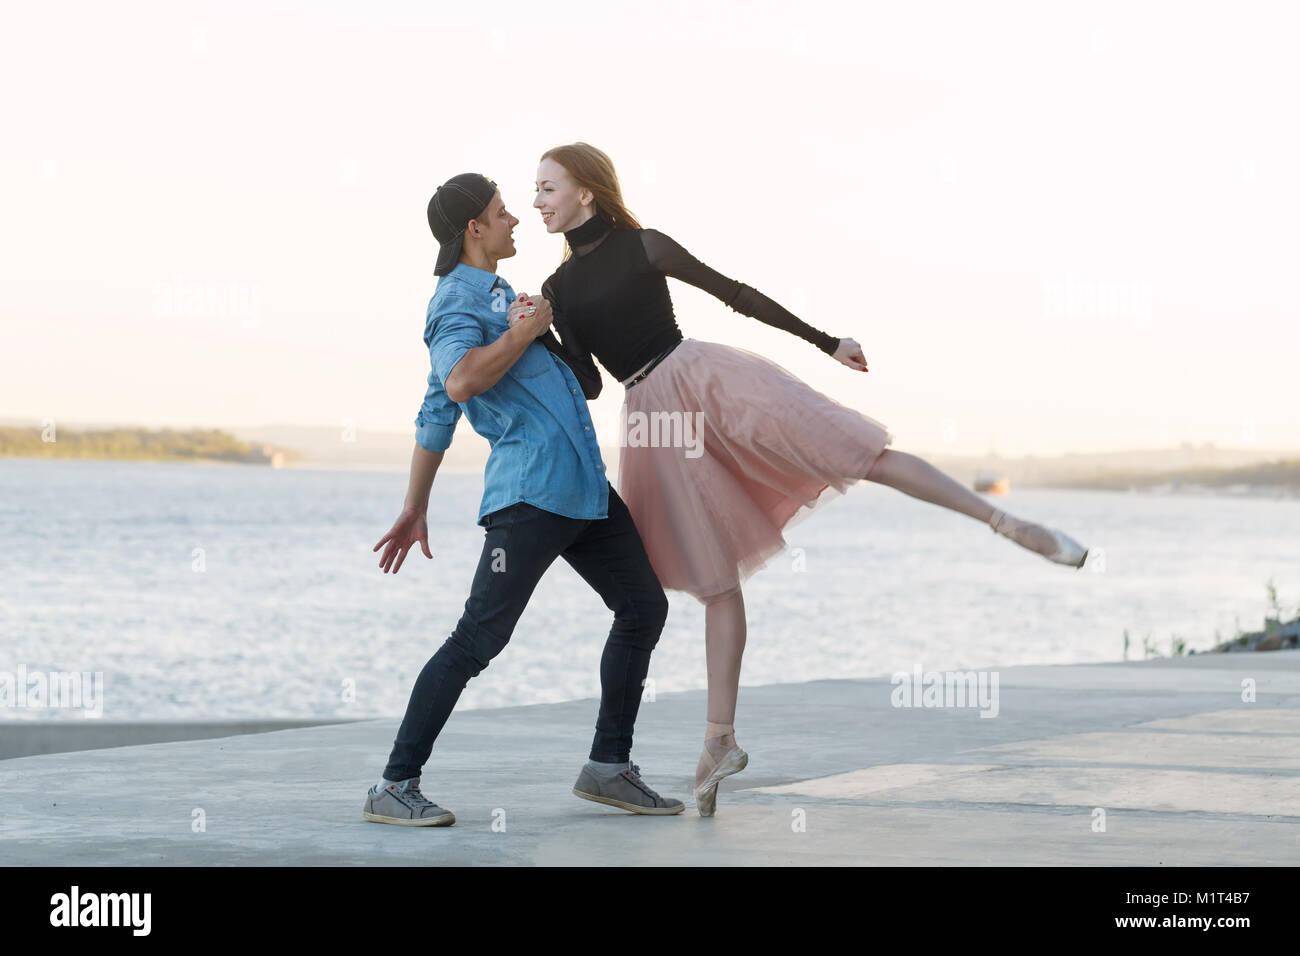 Una esbelta bailarina baila con una bailarina moderna. Dating amantes. La pasión y el romanticismo de la danza. Imagen De Stock